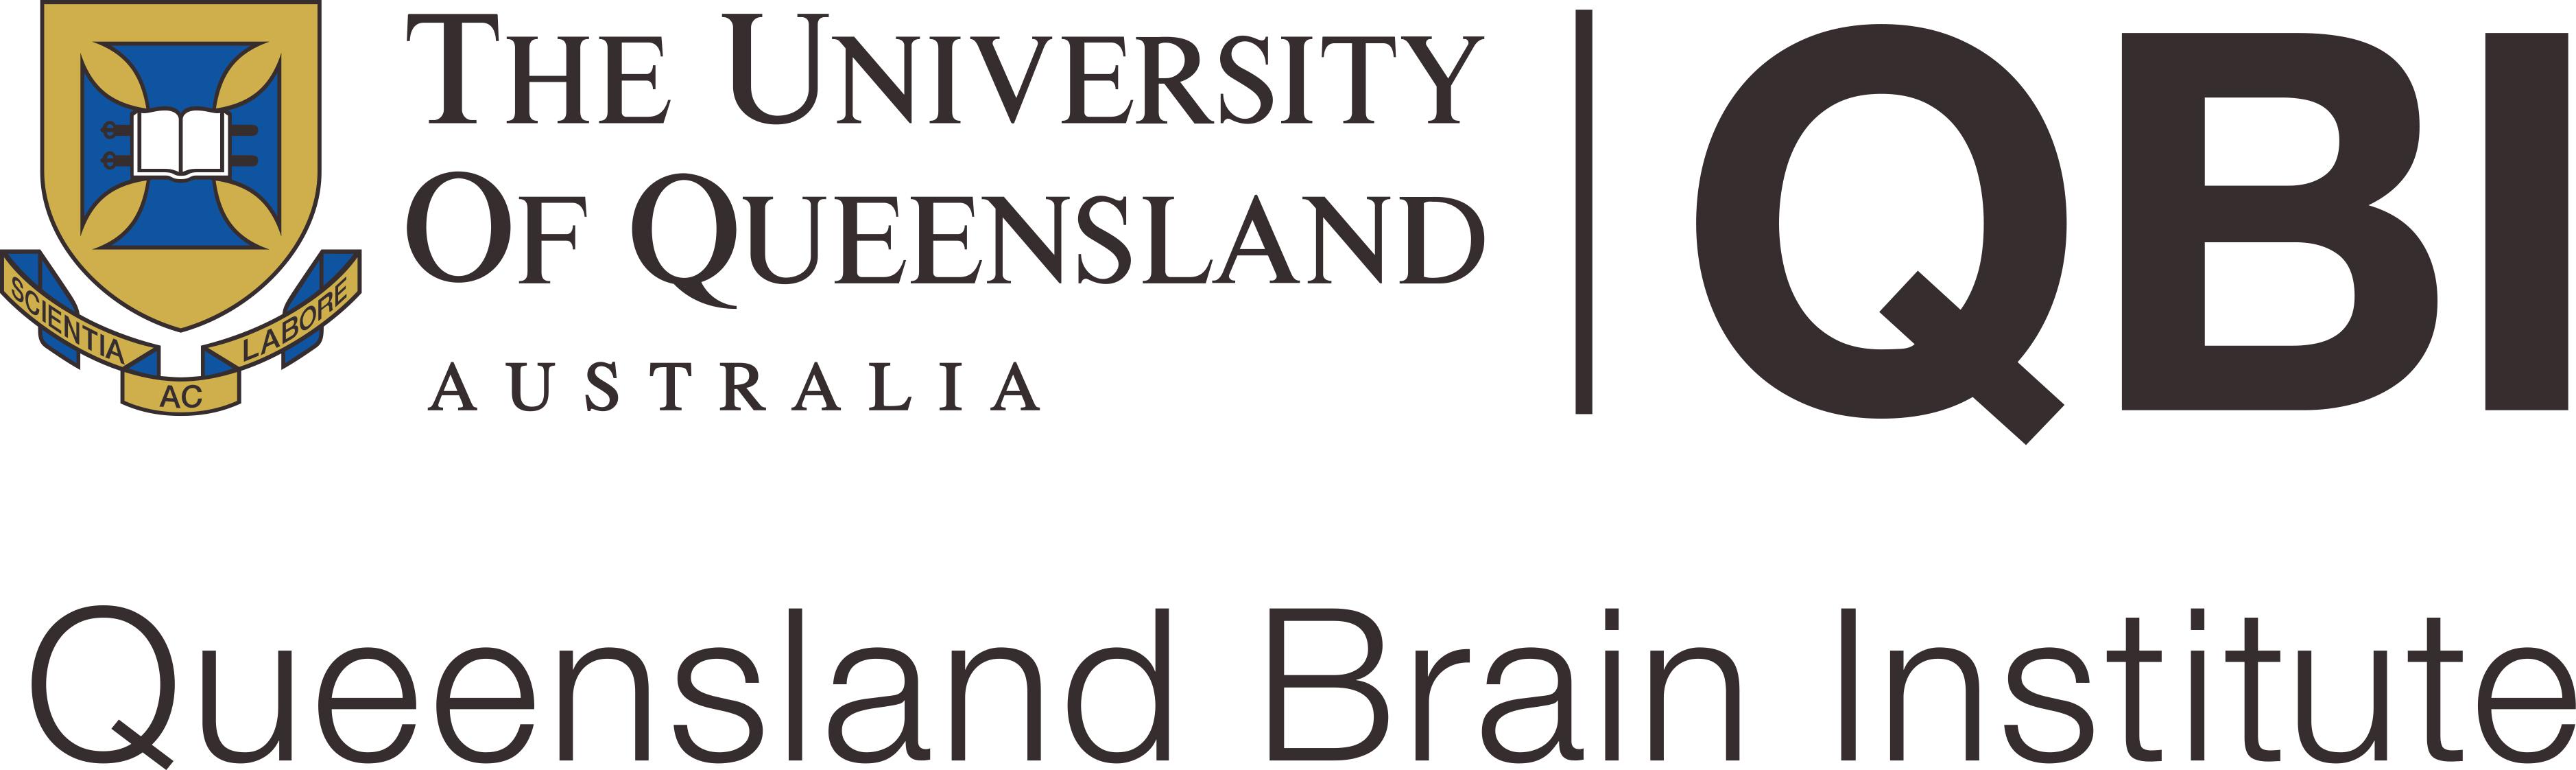 Queensland Brain Institute (QBI), University of Queensland